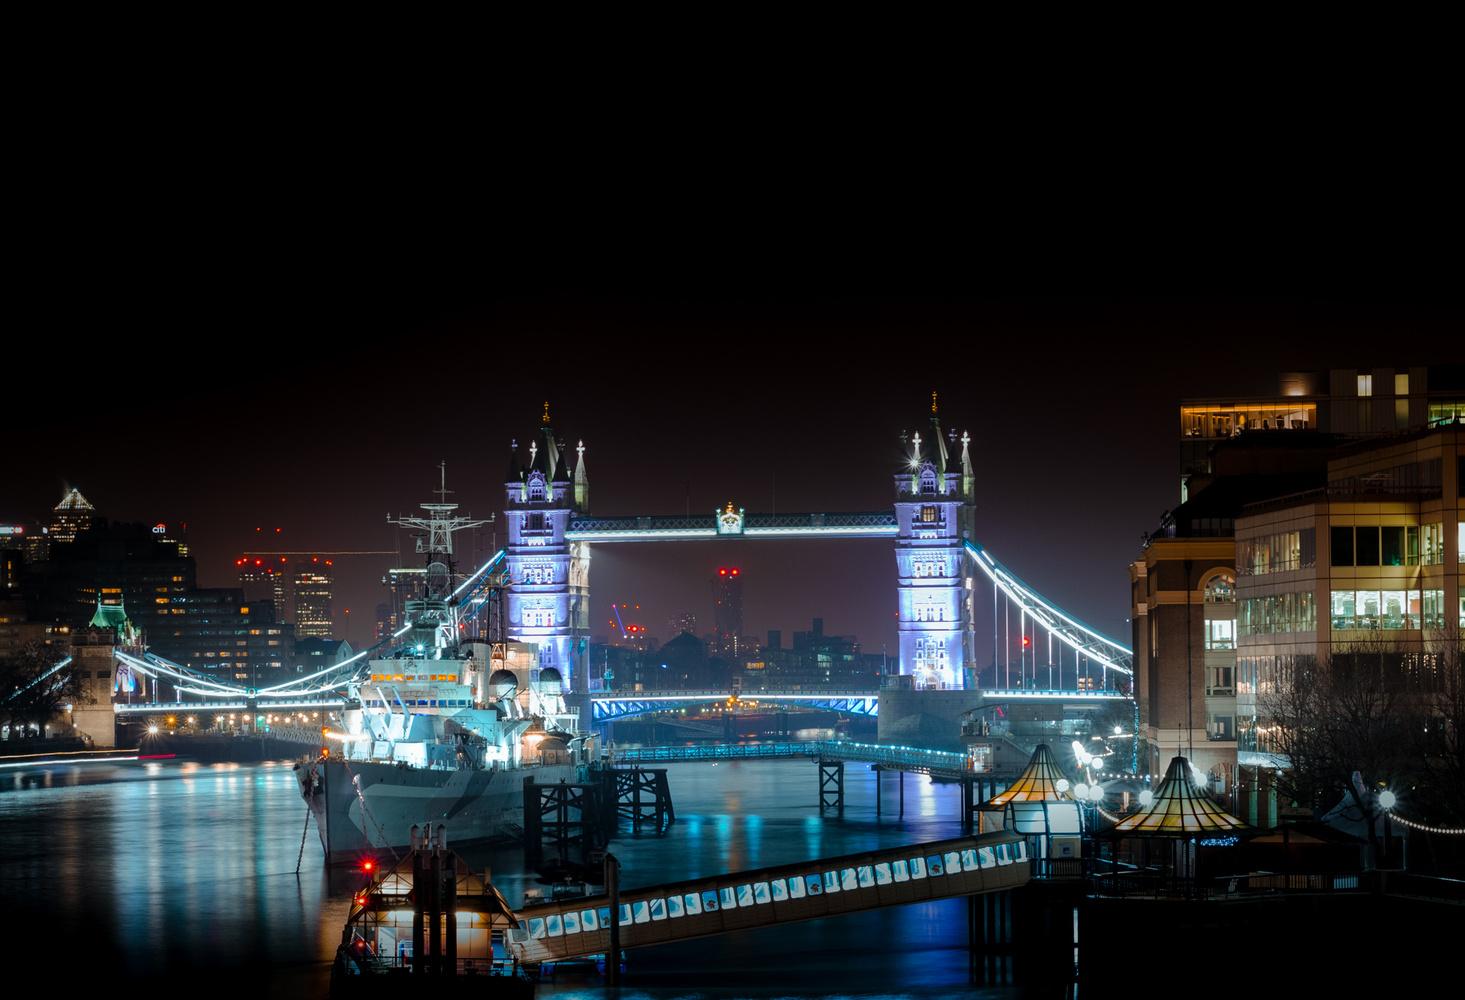 Tower Bridge by Pim van den Hoorn